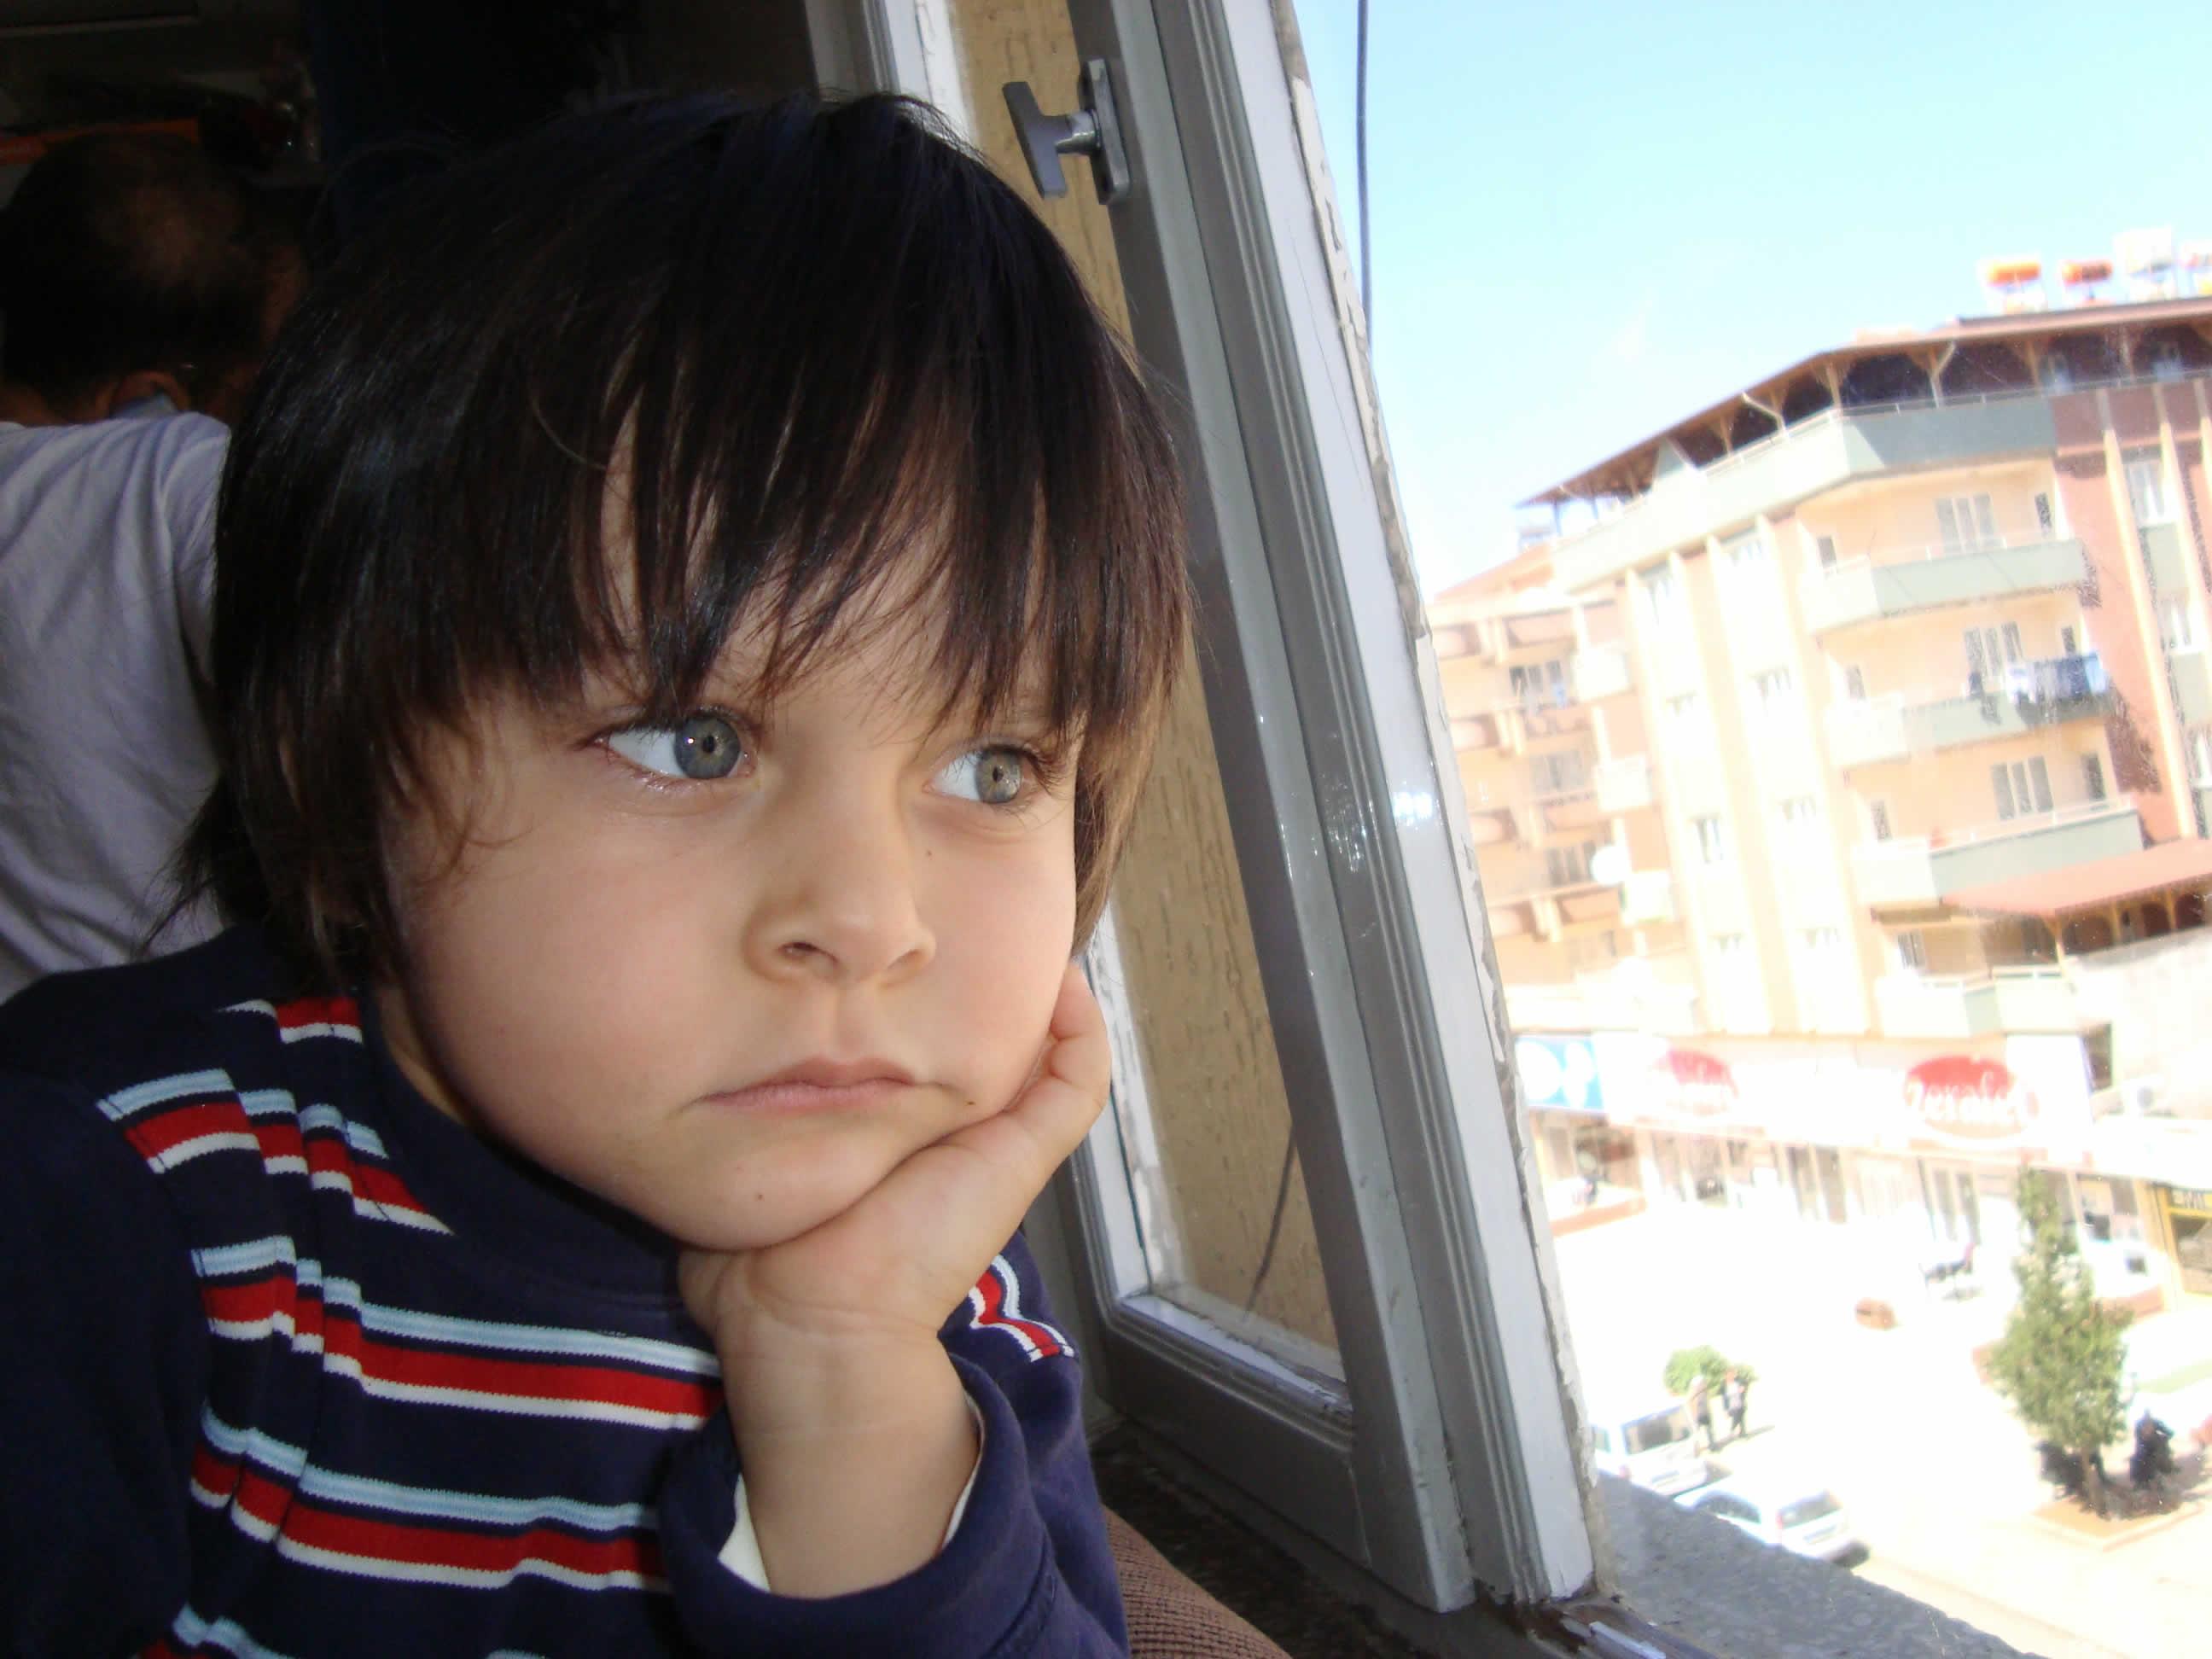 camdan dışarı bakan çocuk